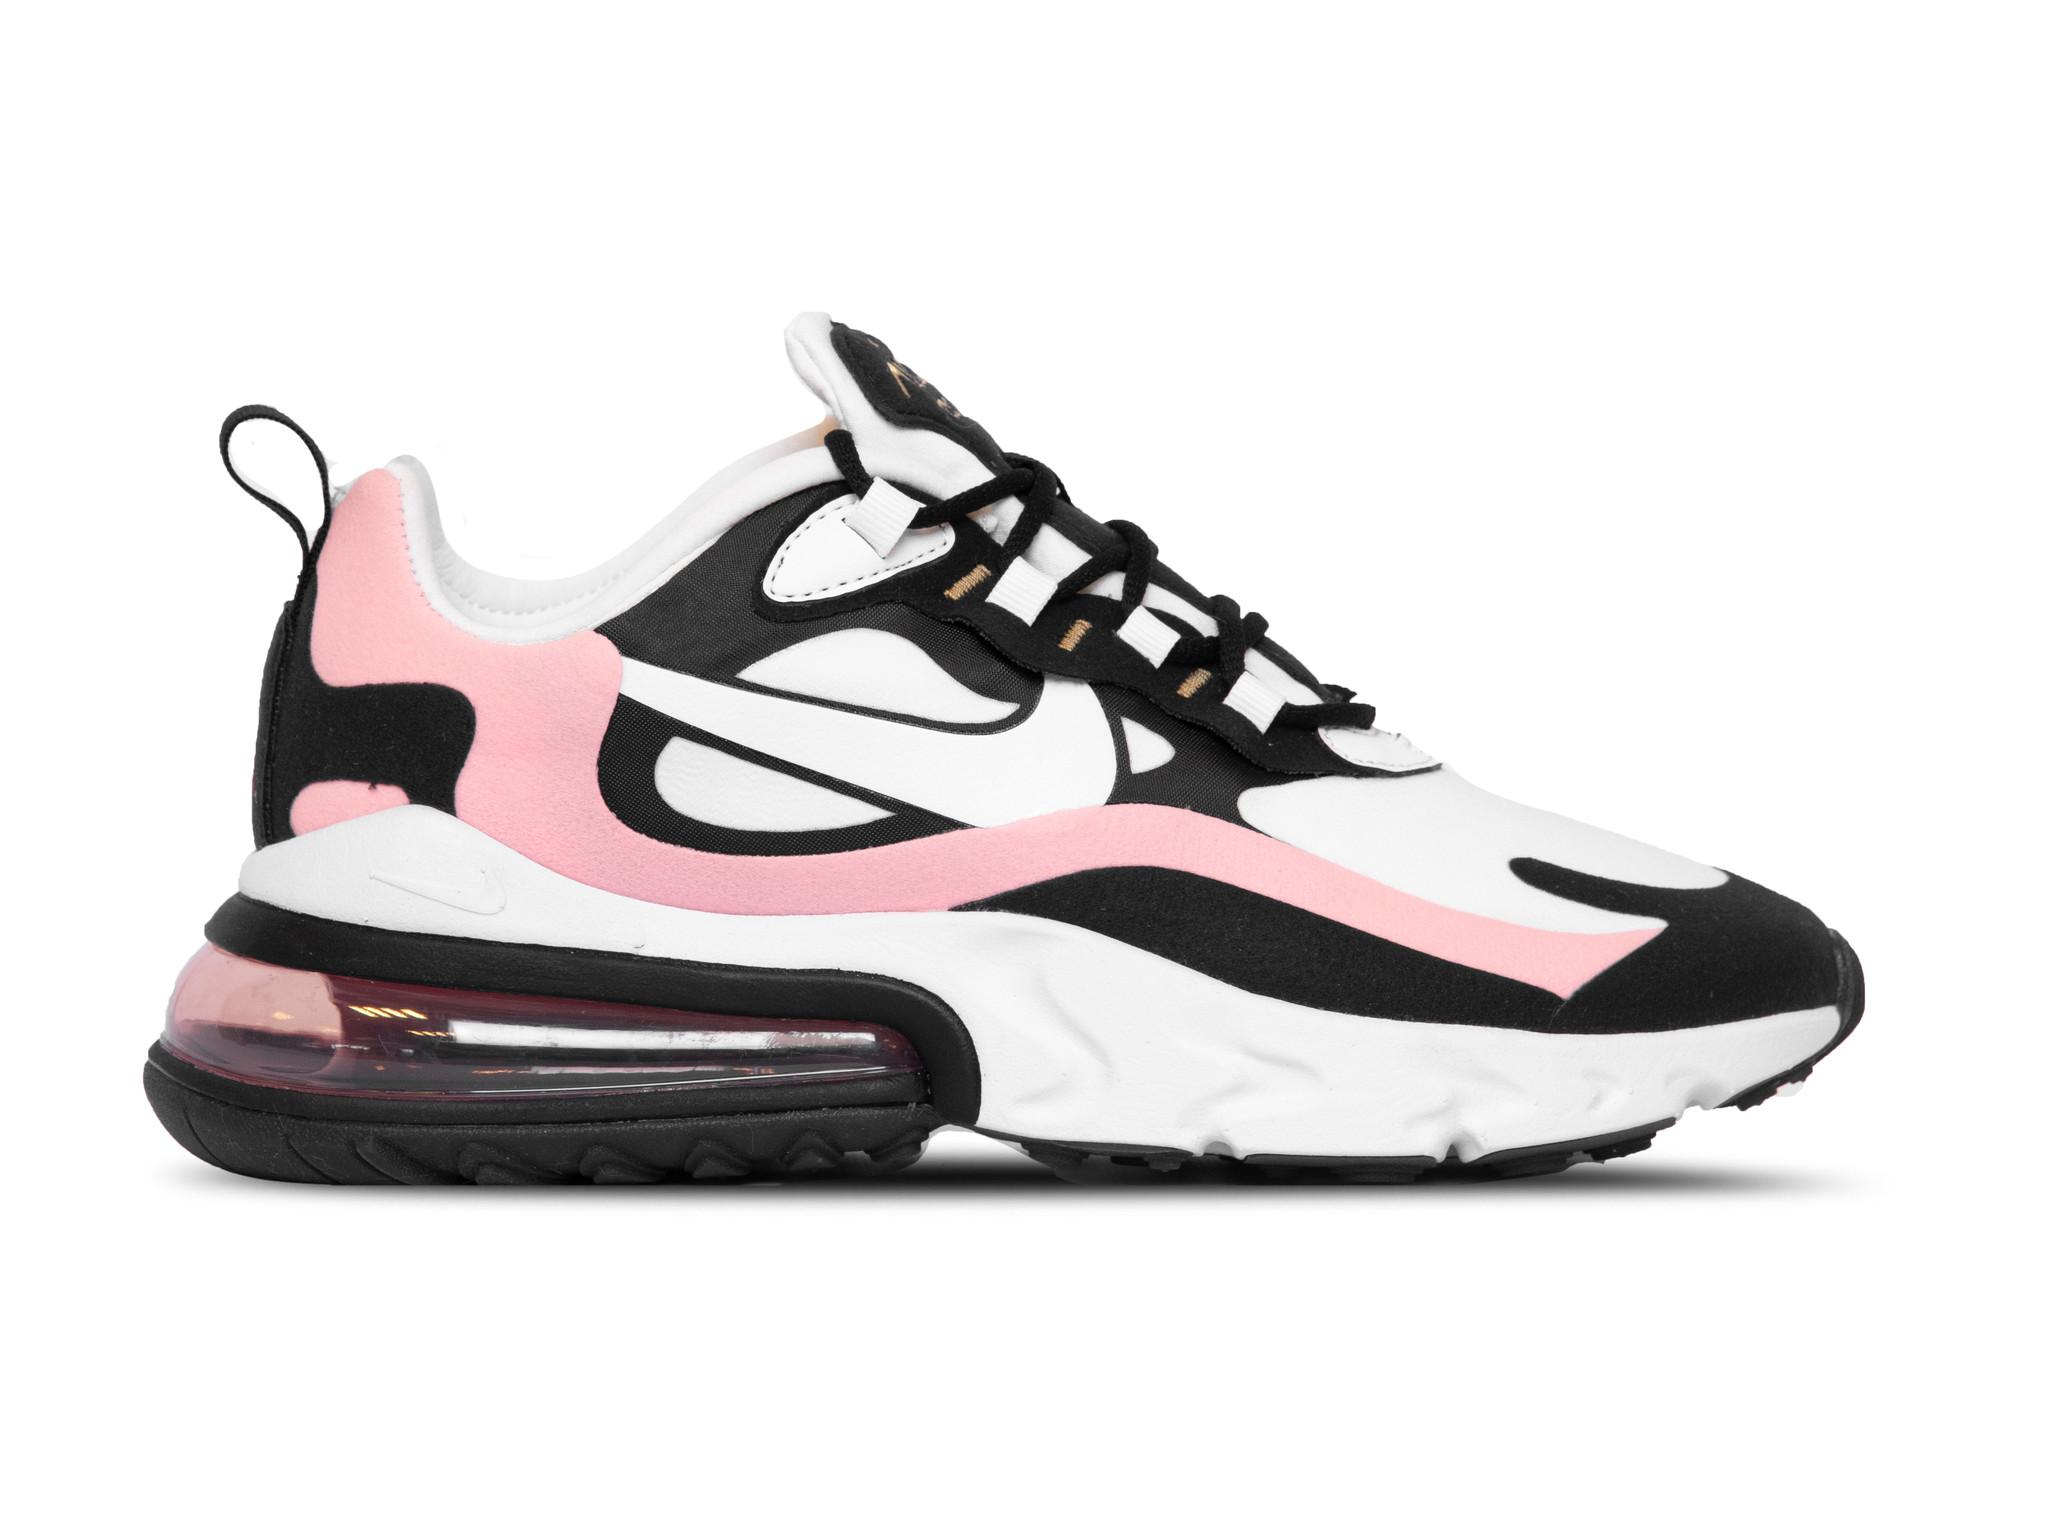 nike air max 270 id dames schoenen order e4da8 39250